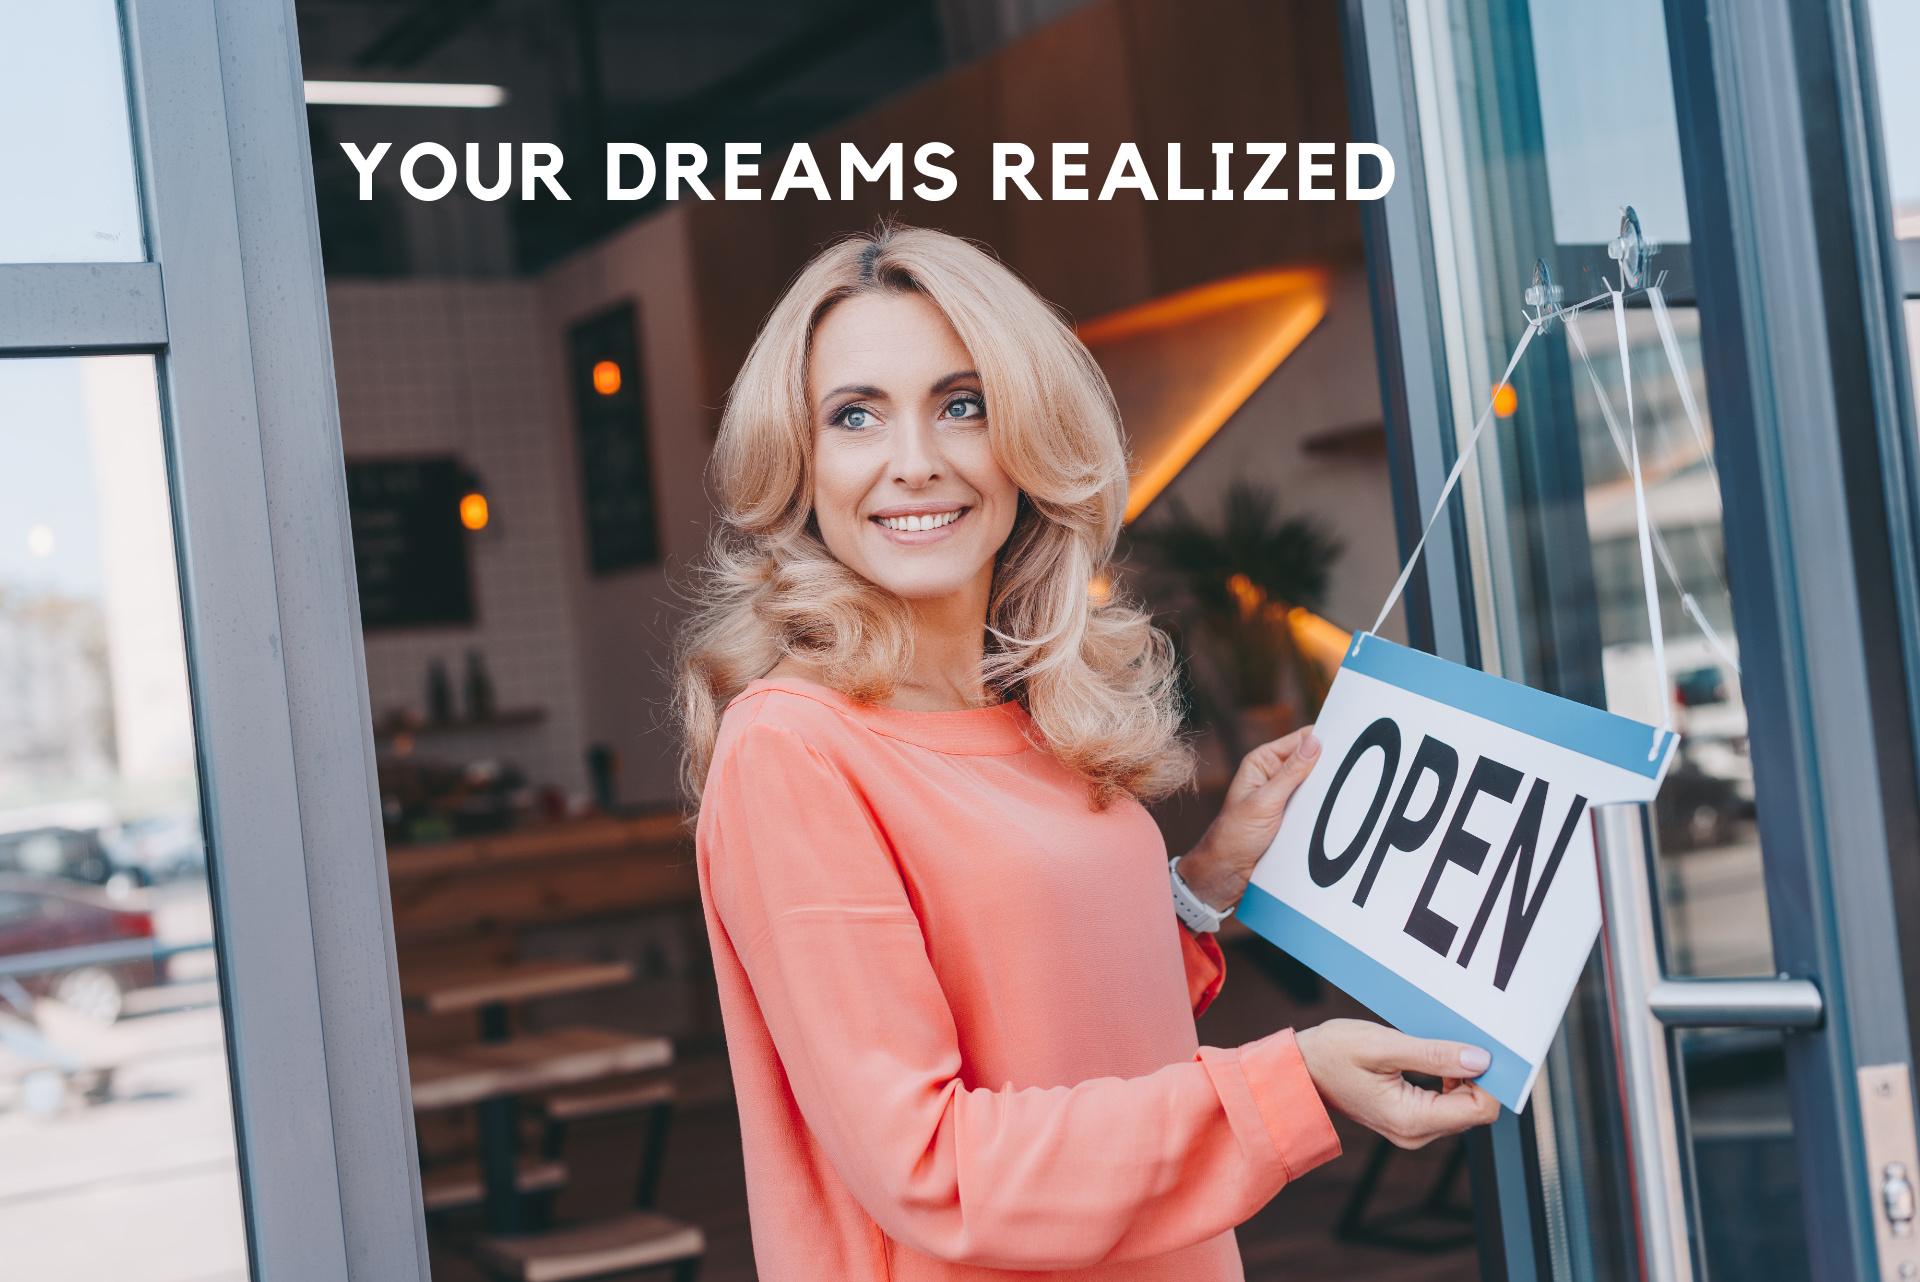 https://0201.nccdn.net/1_2/000/000/0de/f55/Your-Dreams-Realized2-1920x1282.jpg